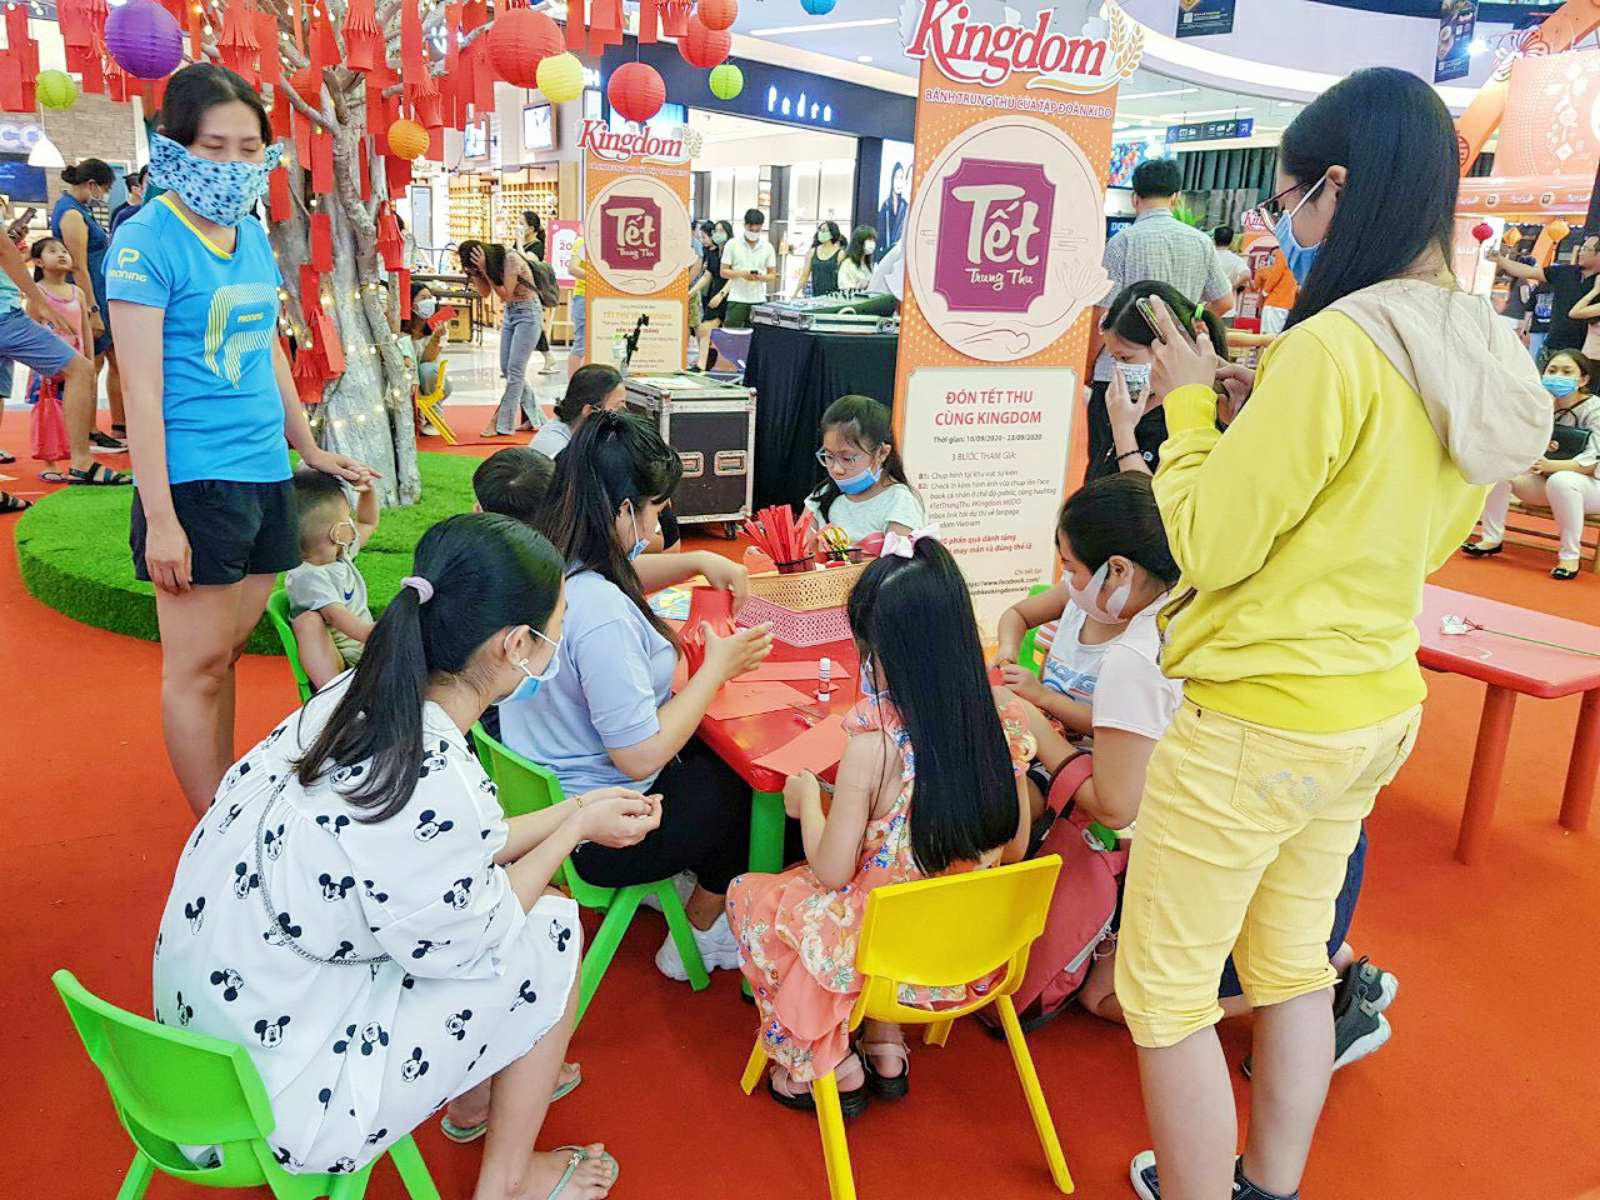 Vui Tết đoàn viên cùng Lễ hội bánh Trung thu tại Vạn Hạnh Mall - Ảnh 6.